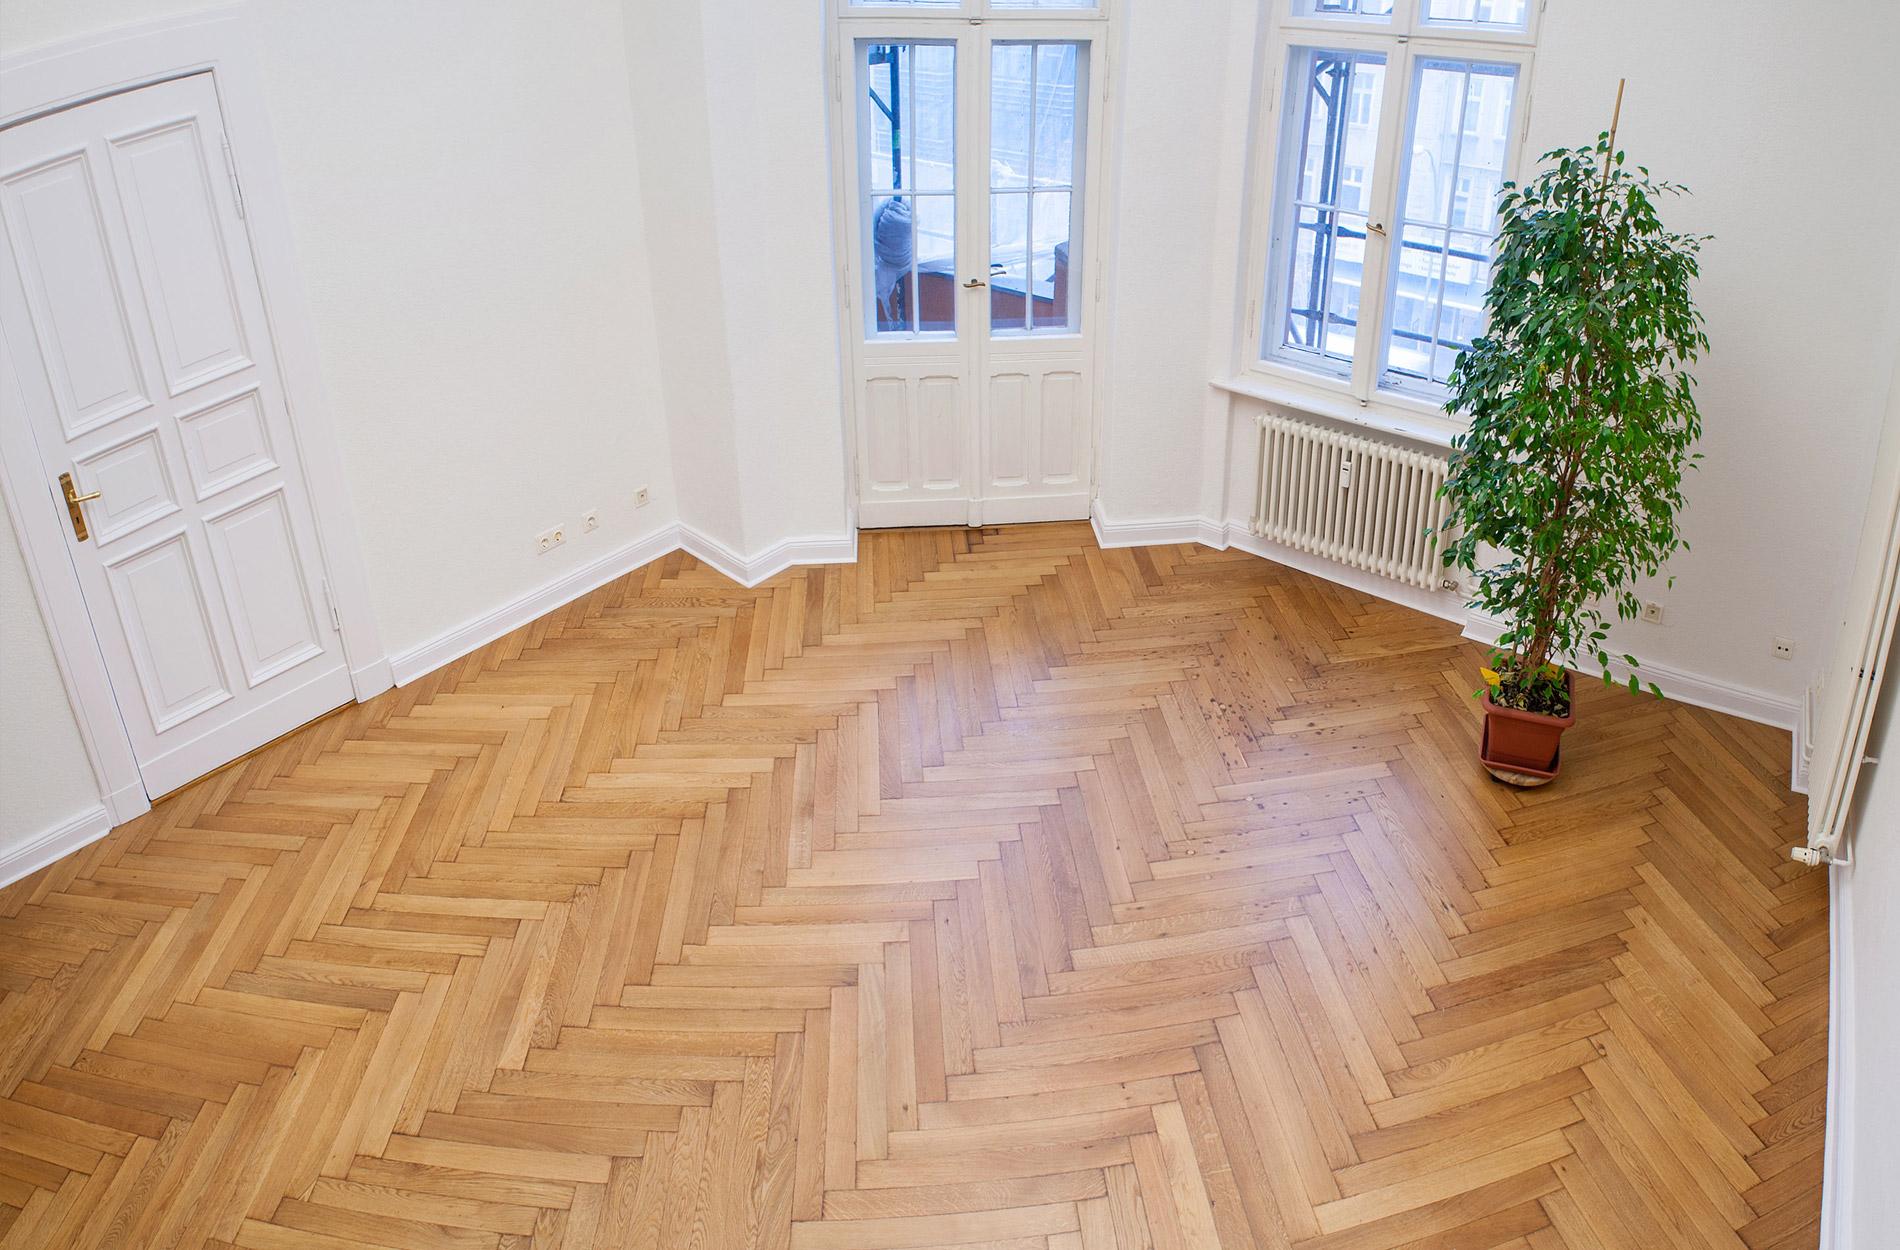 aug wilh rudolph fischgr tparkett eiche aug wilh rudolph. Black Bedroom Furniture Sets. Home Design Ideas